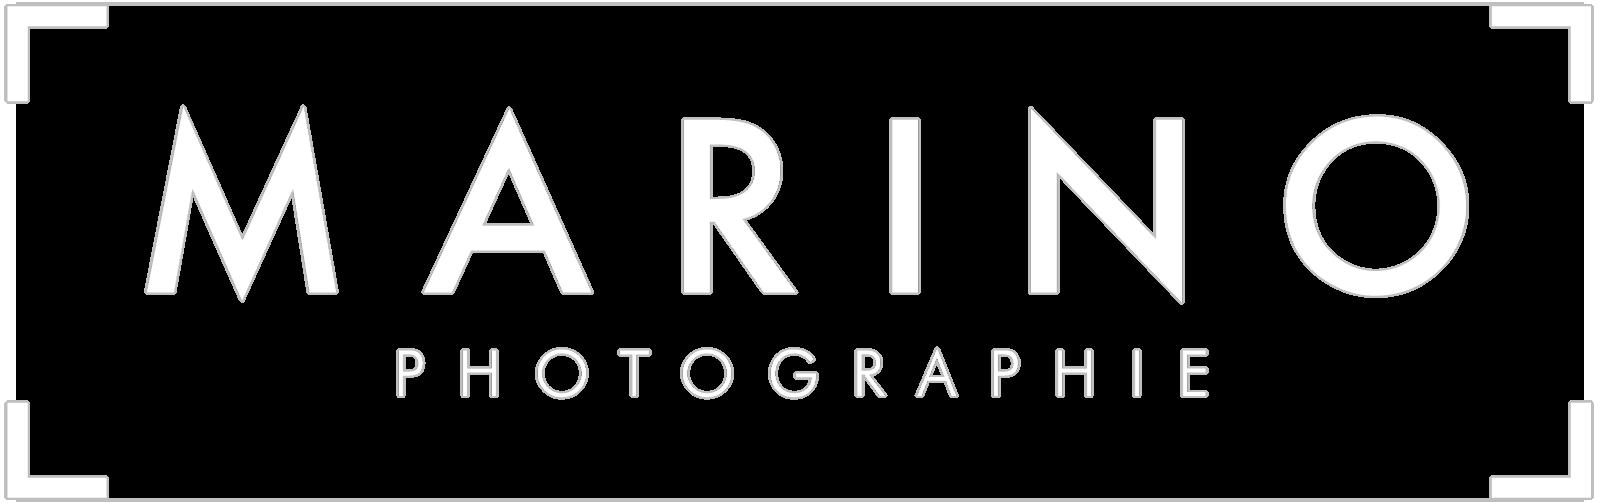 Marino Trevisani Photographie